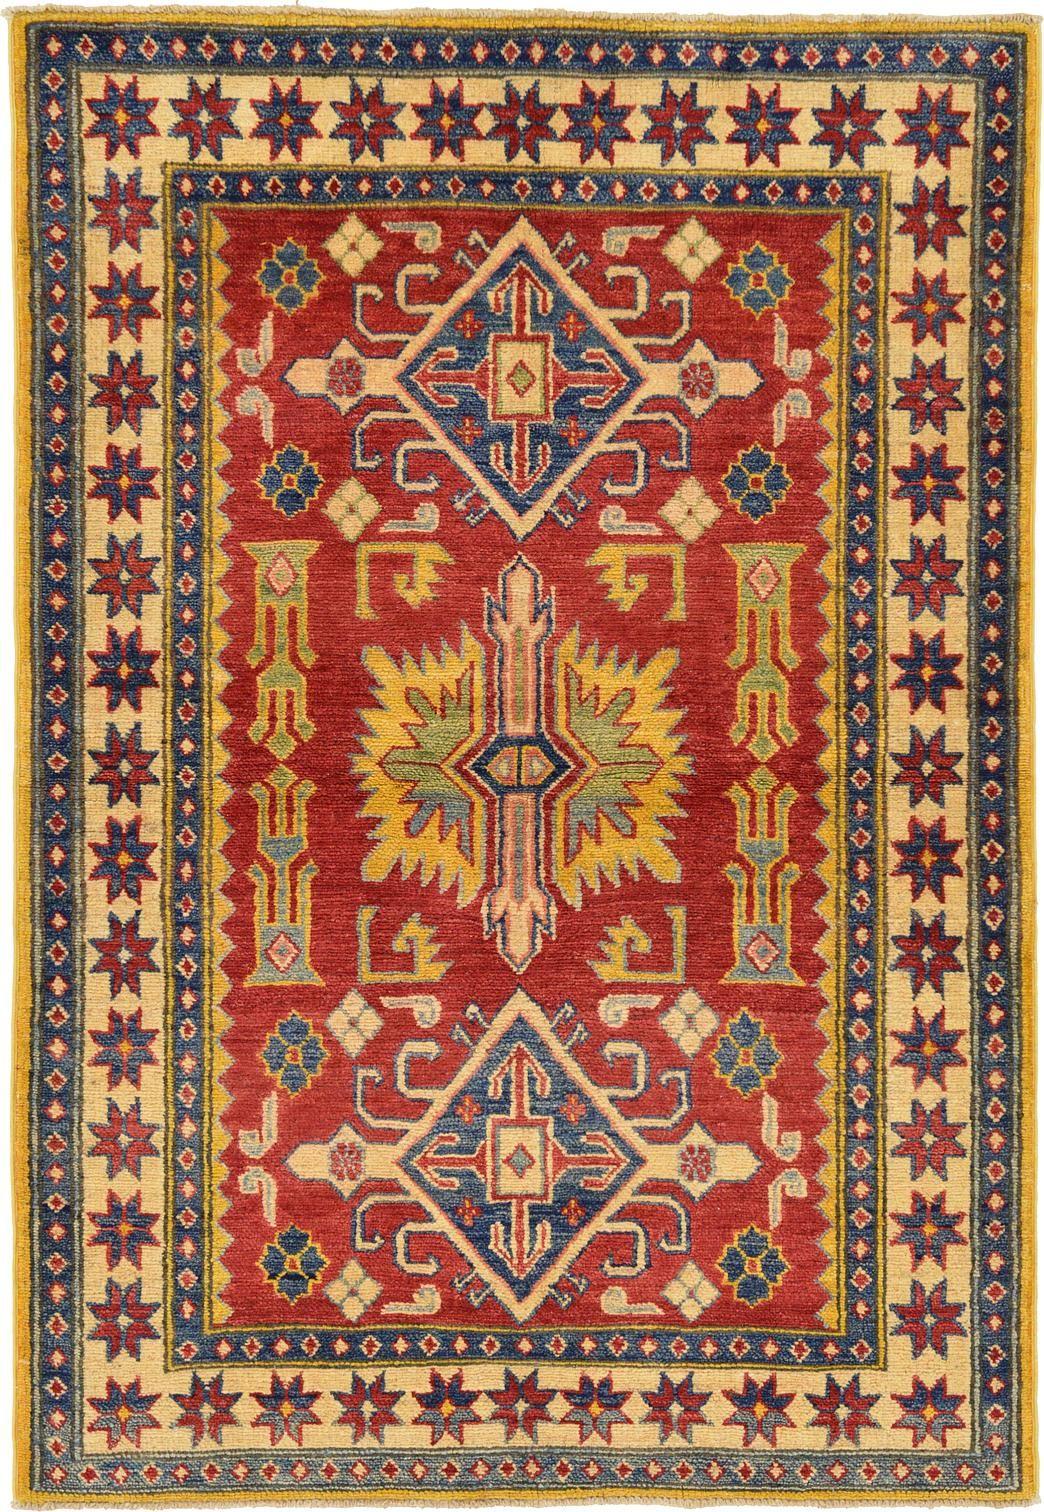 Red 3' 7 x 5' 3 Kazak Oriental Rug | Oriental Rugs | eSaleRugs